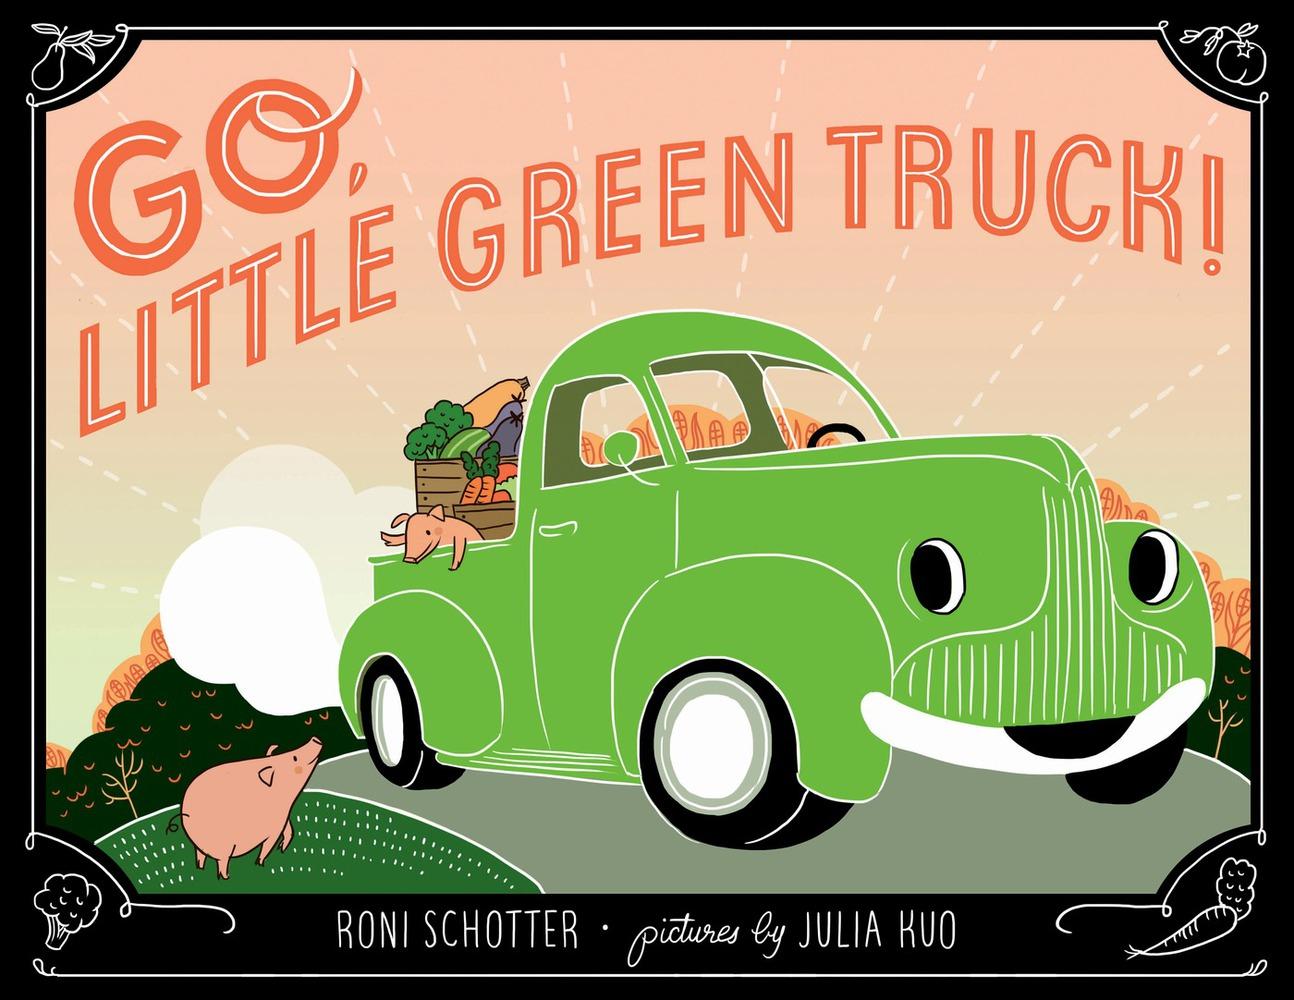 Little Green Truck